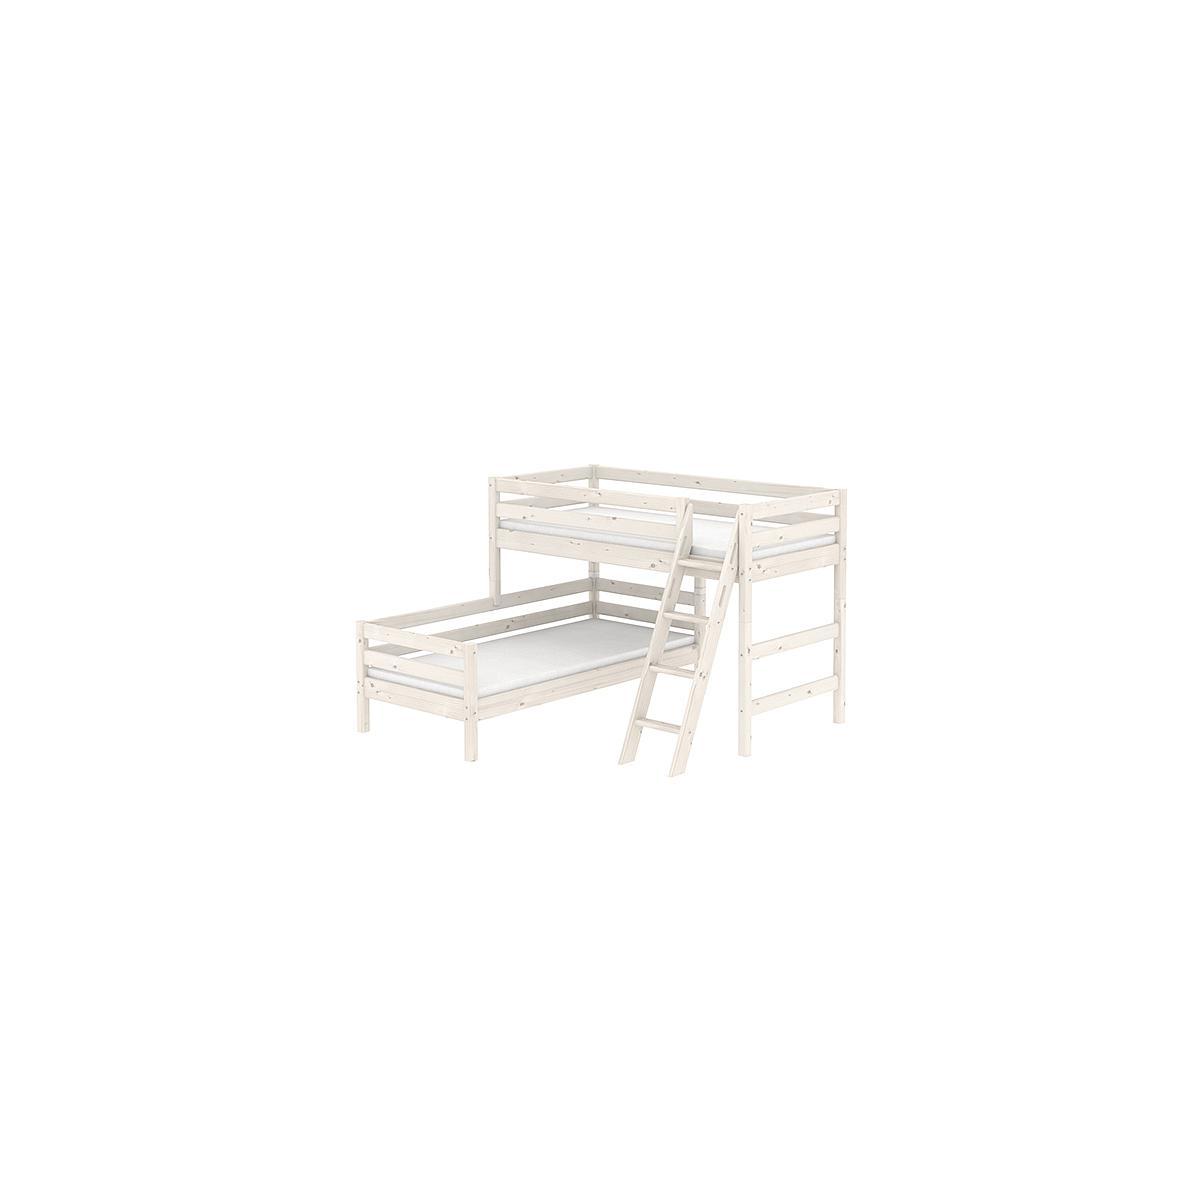 Lit surélevé Classic + lit Classic simple Line 90x200 cm + échelle inclinée avec poignées by Flexa